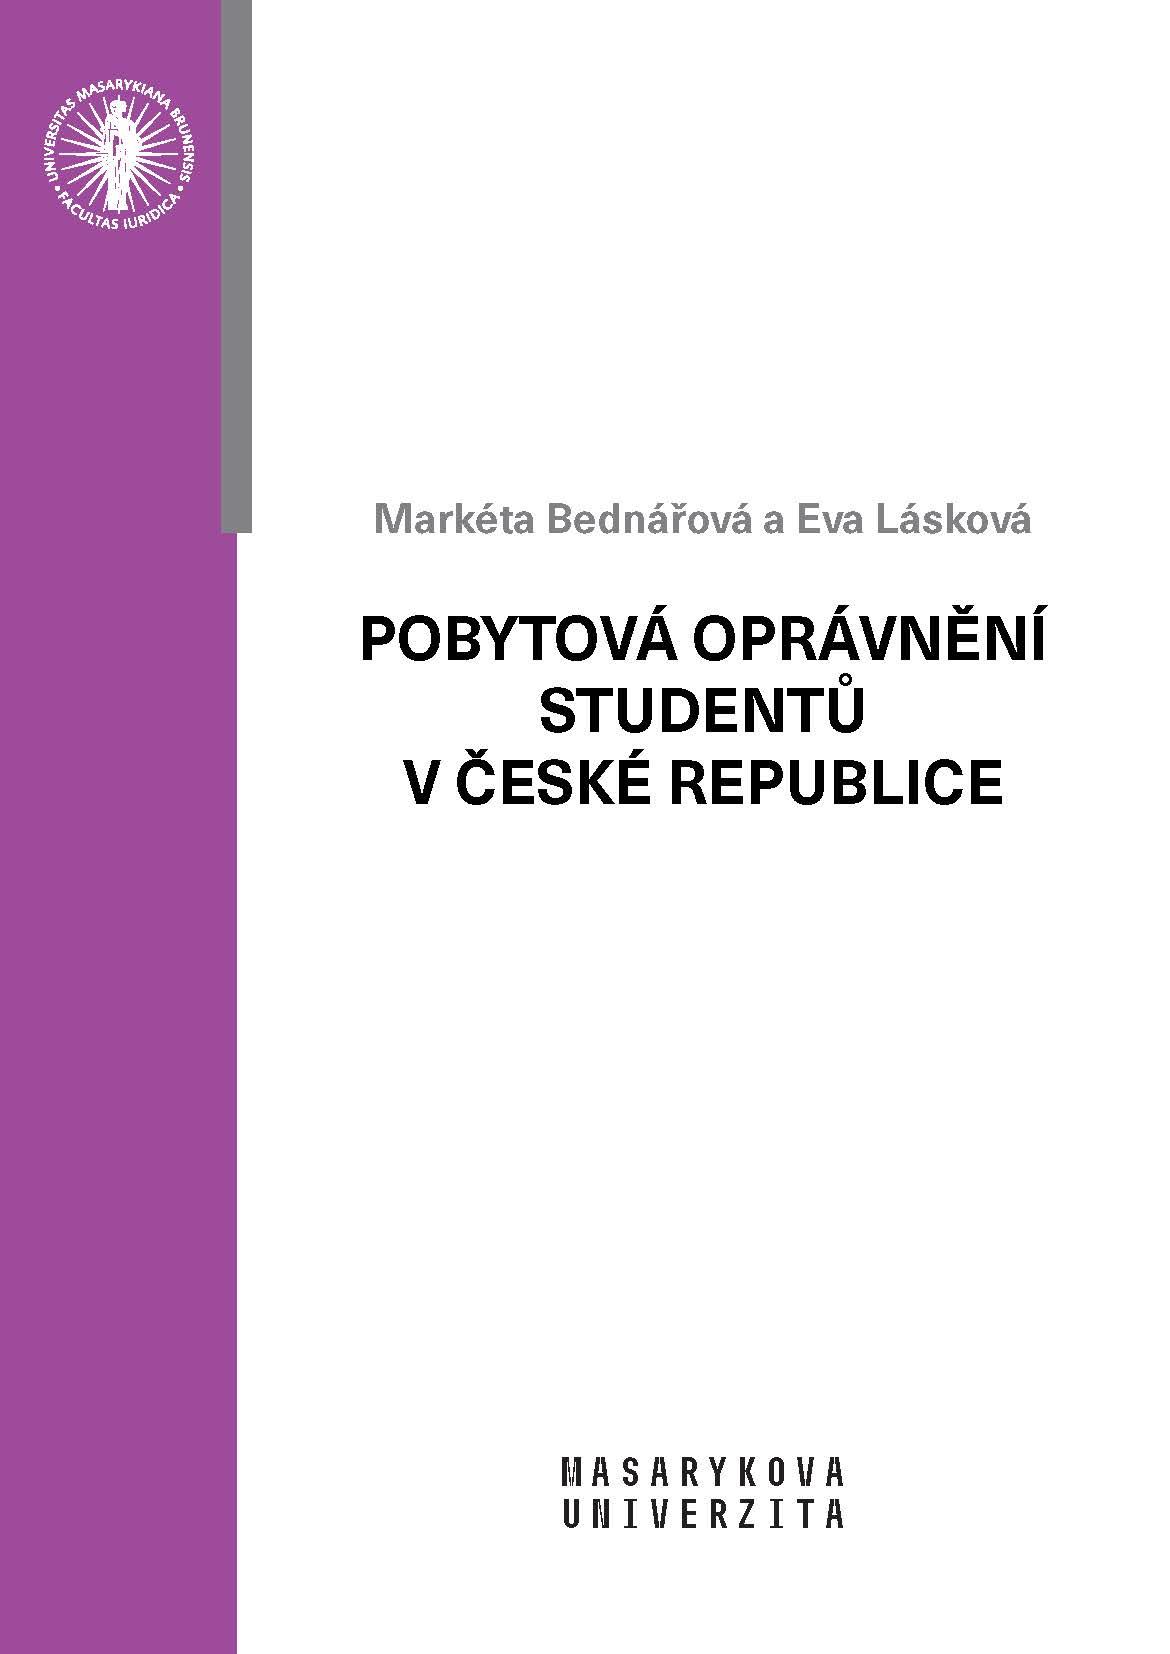 Obálka pro Pobytová oprávnění studentů v České republice